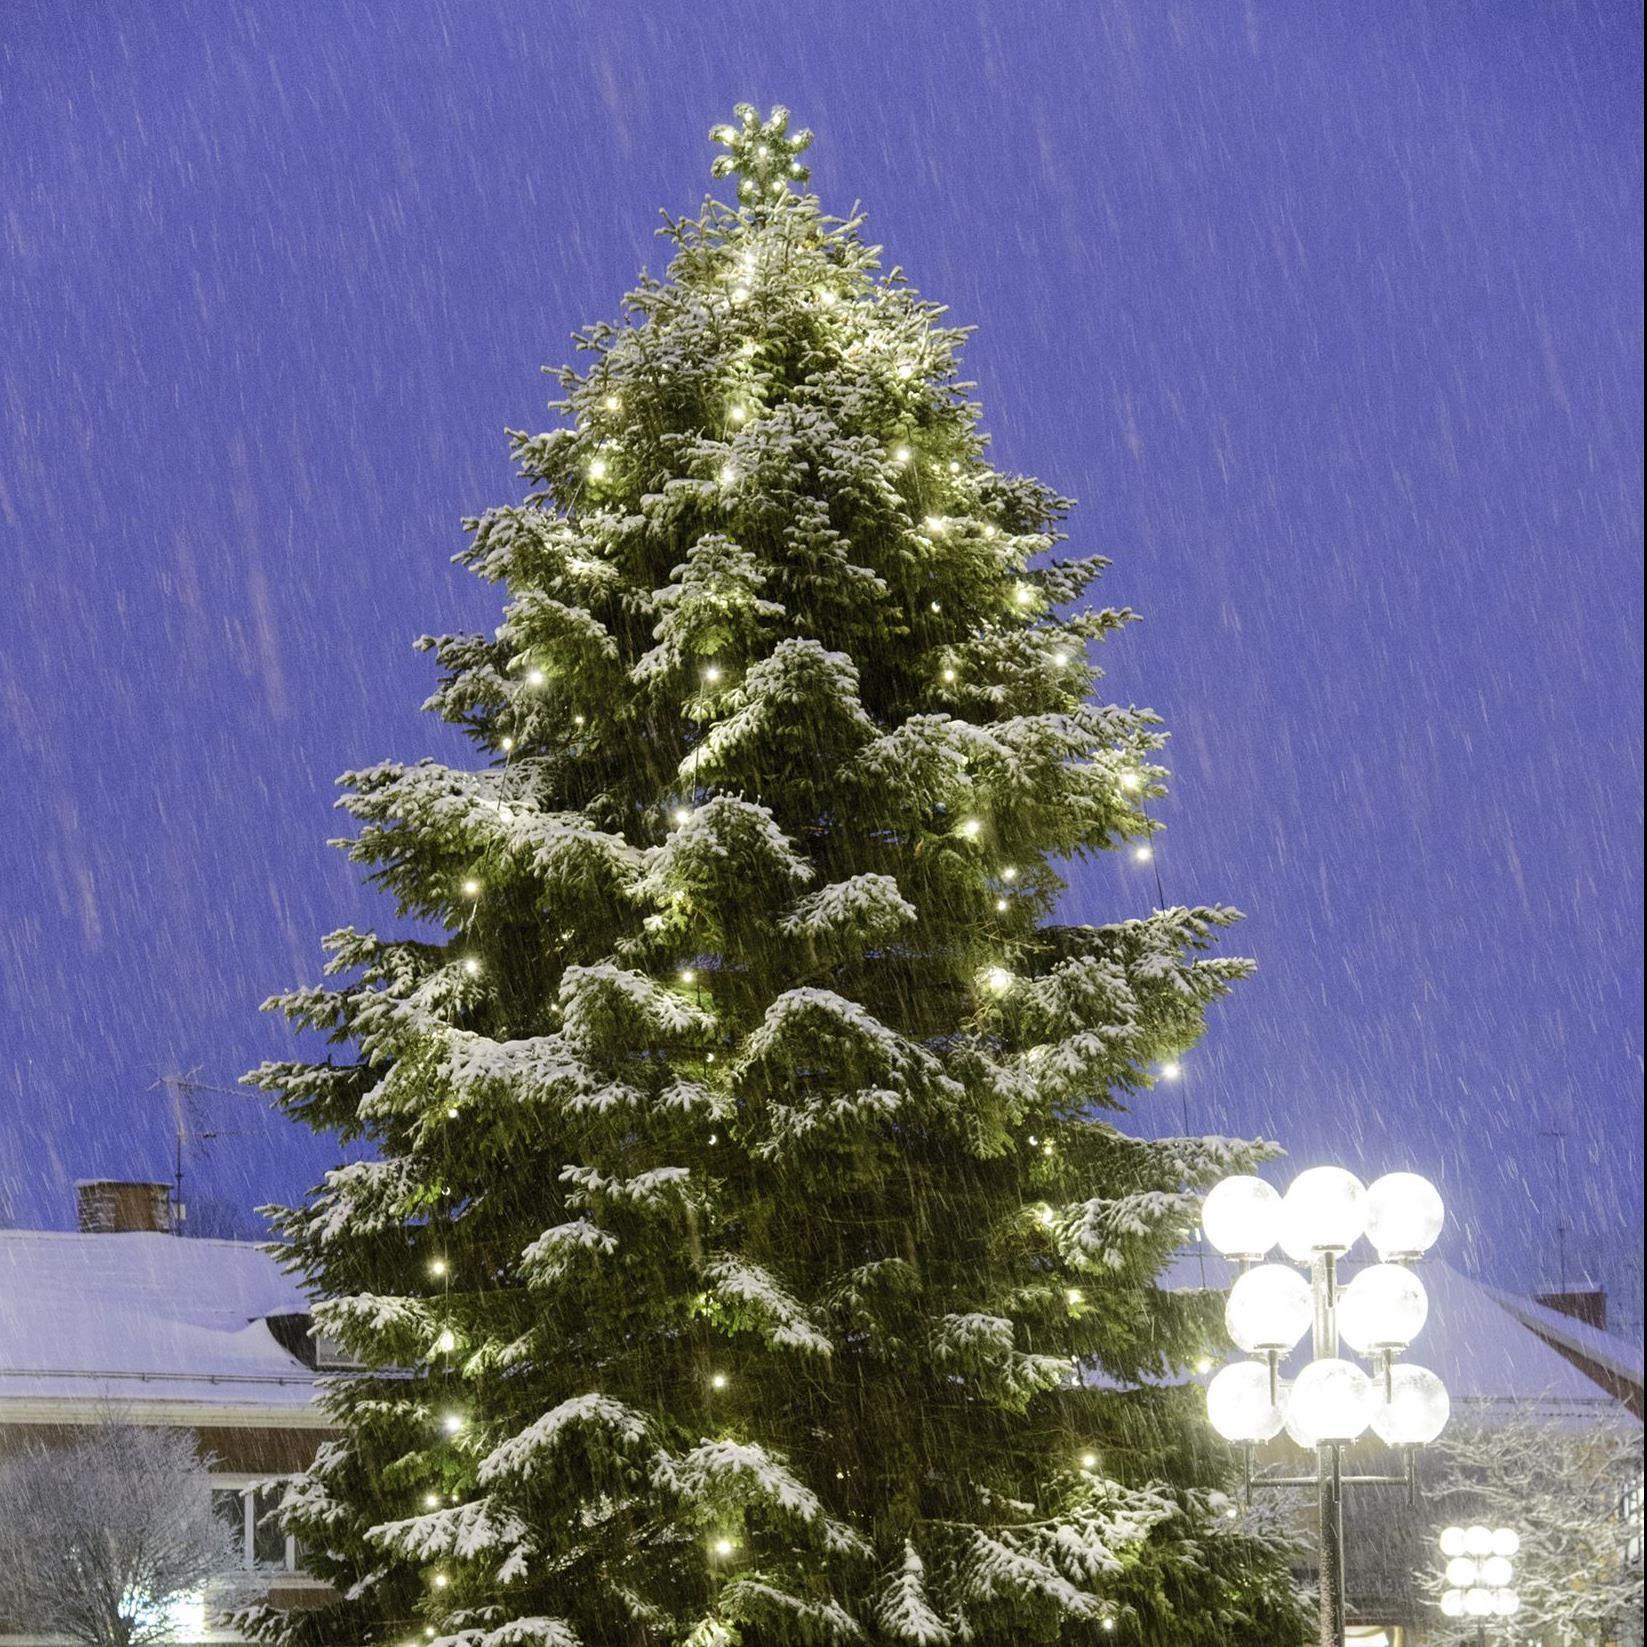 Julskyltning i Sävsjö